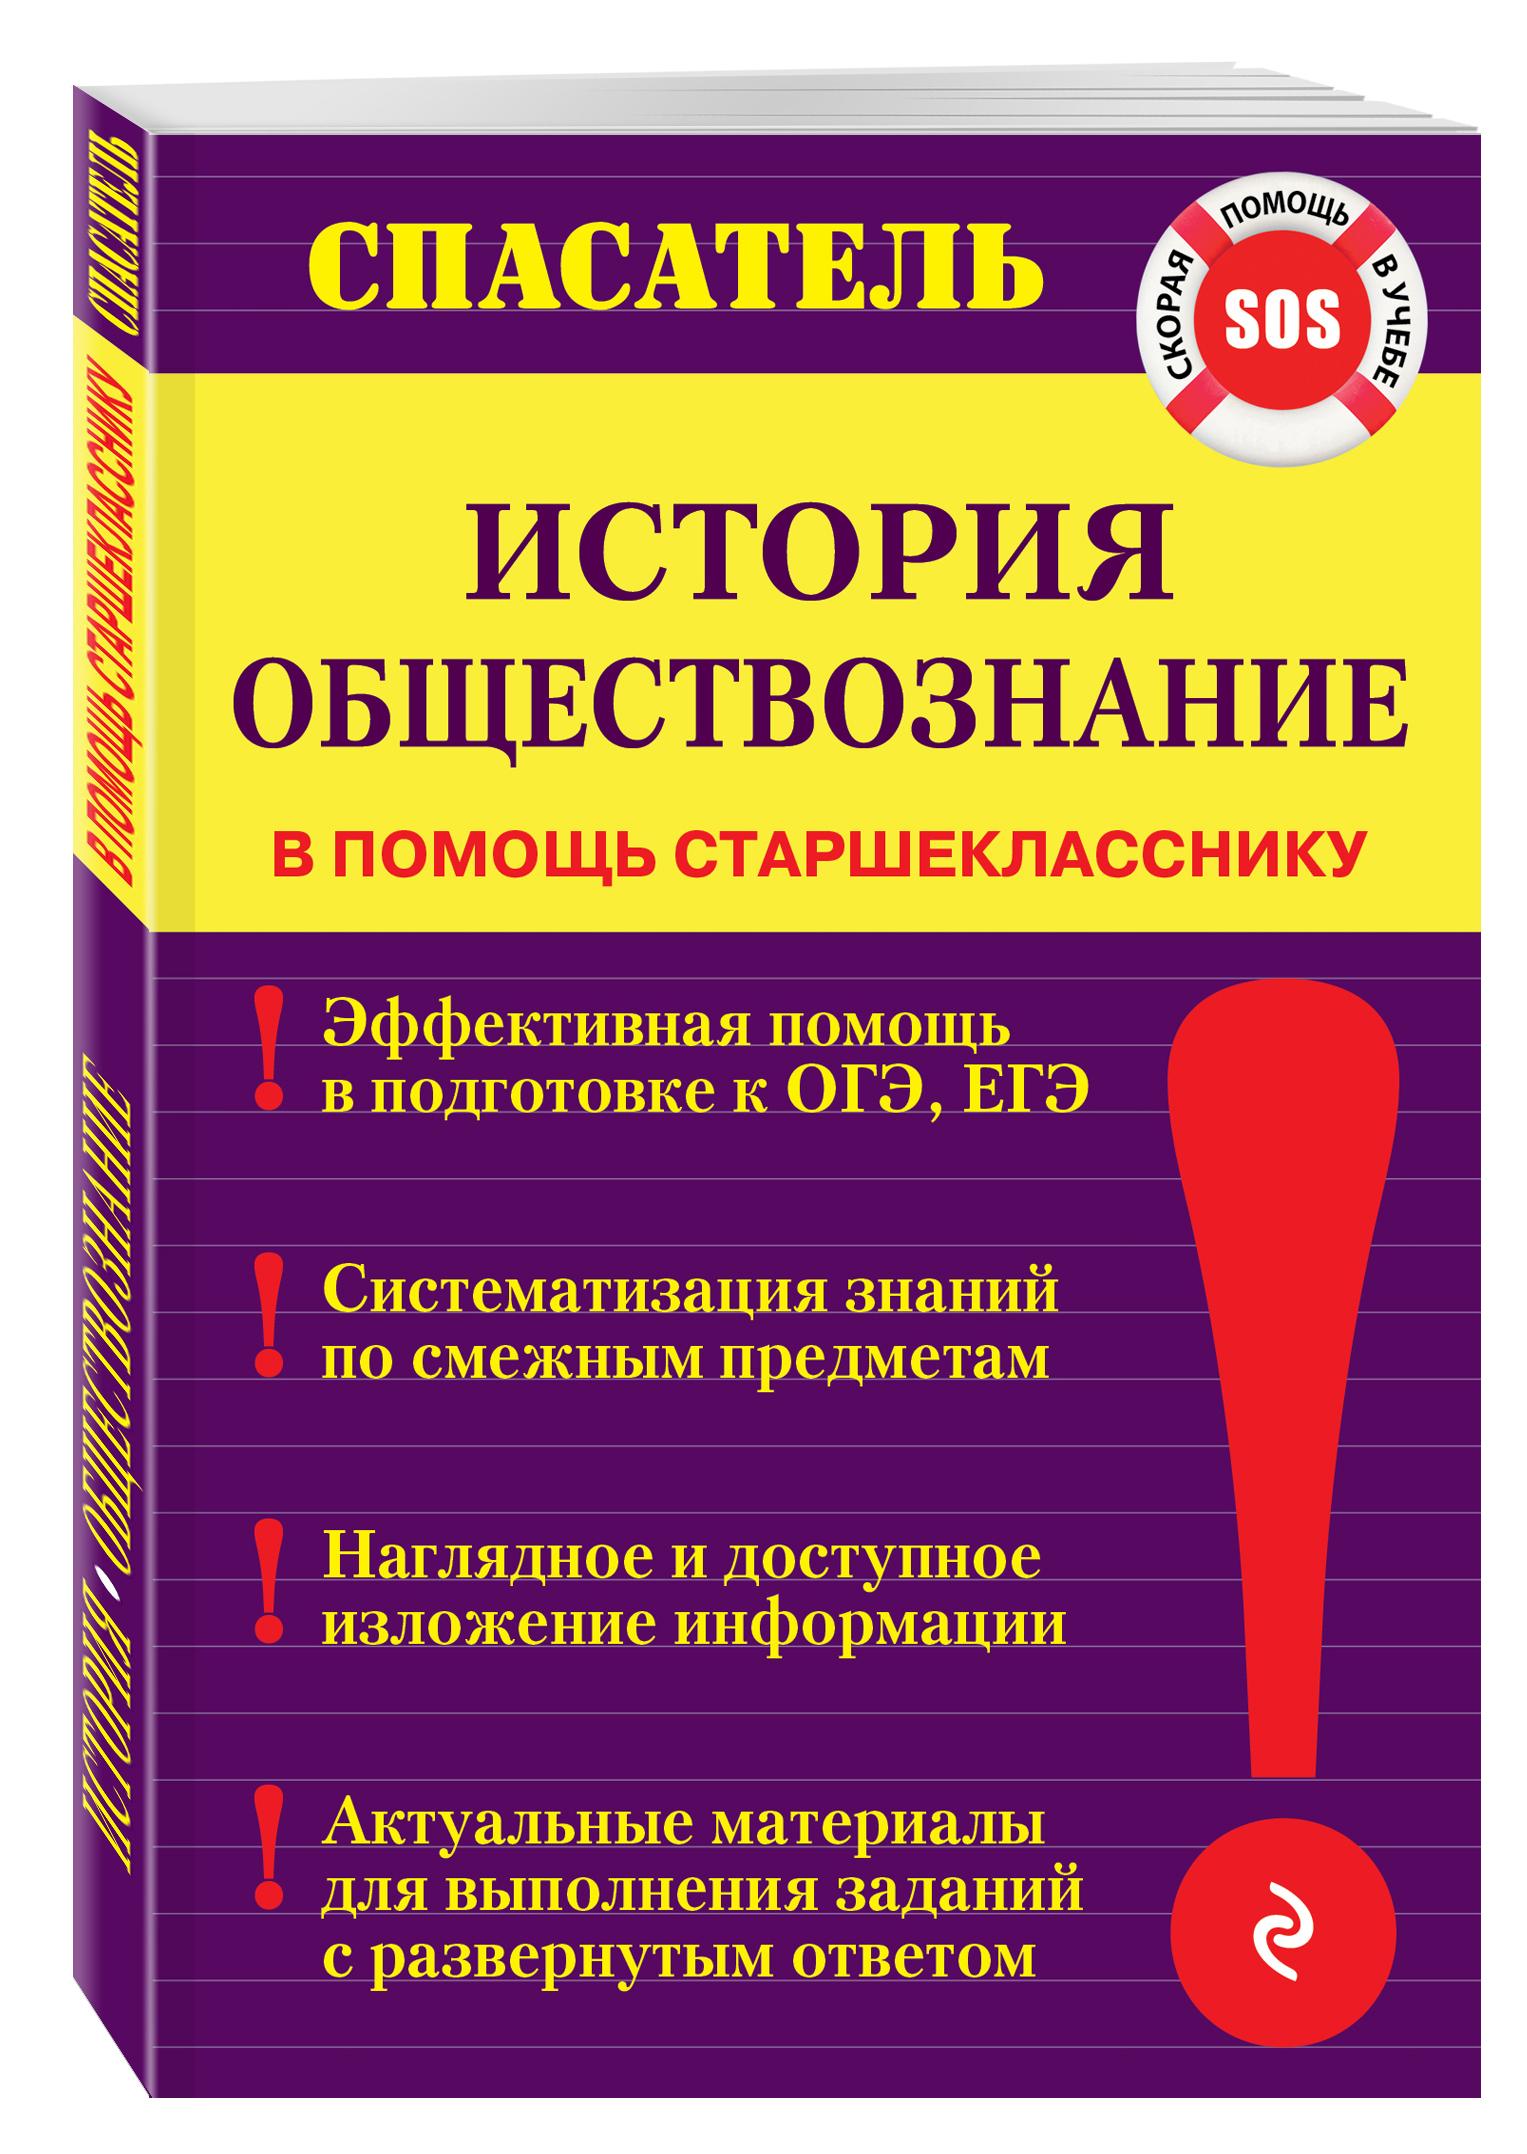 История, обществознание ( Дедурин Г.Г.  )